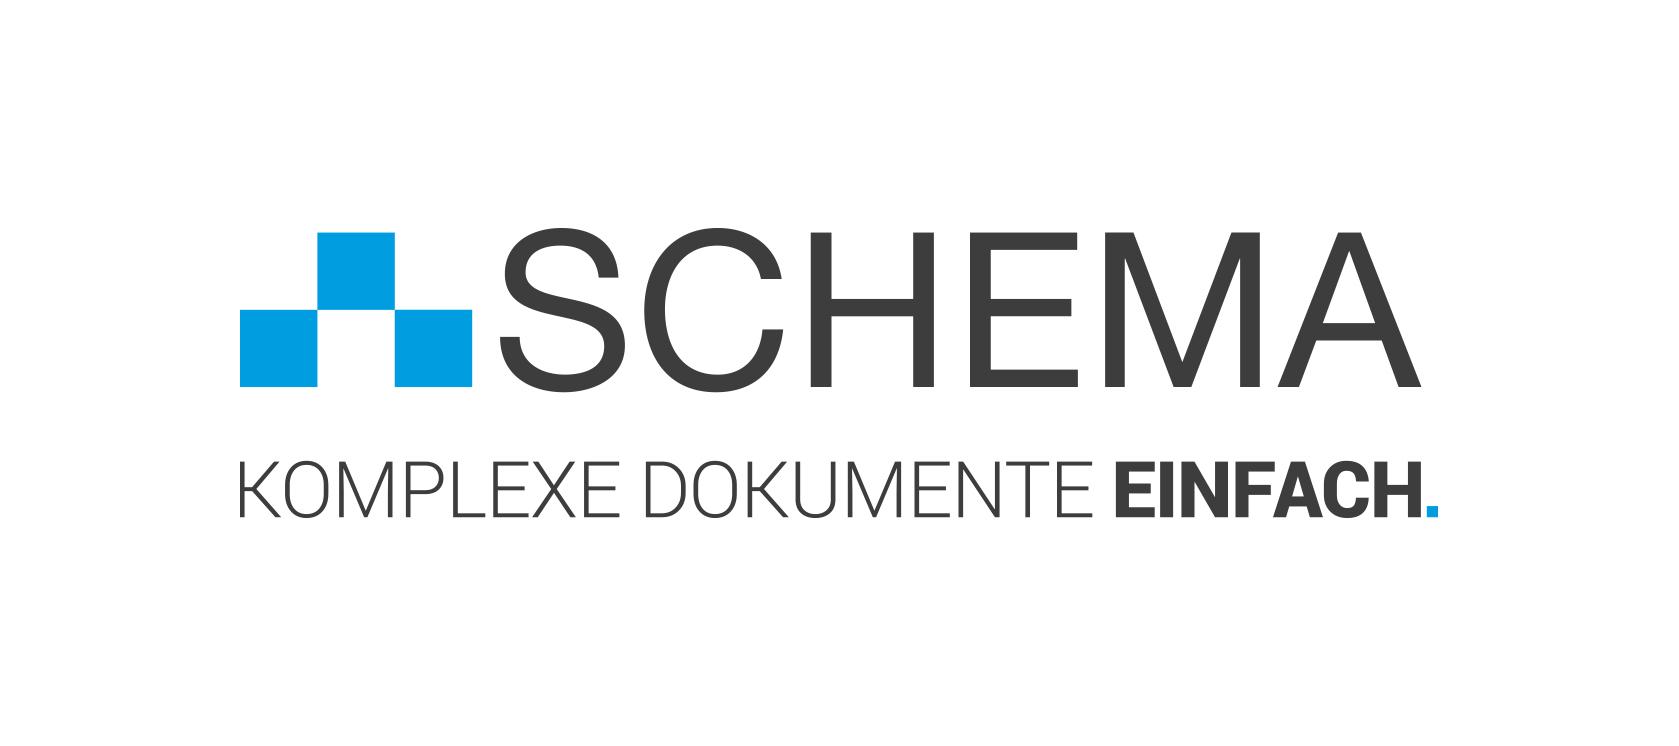 Die 5. SCHEMA Absolventenakademie vom 2.-4. August 2017 in Nürnberg  – aktuelles Praxiswissen für die Technische Redaktion und Dokumentation